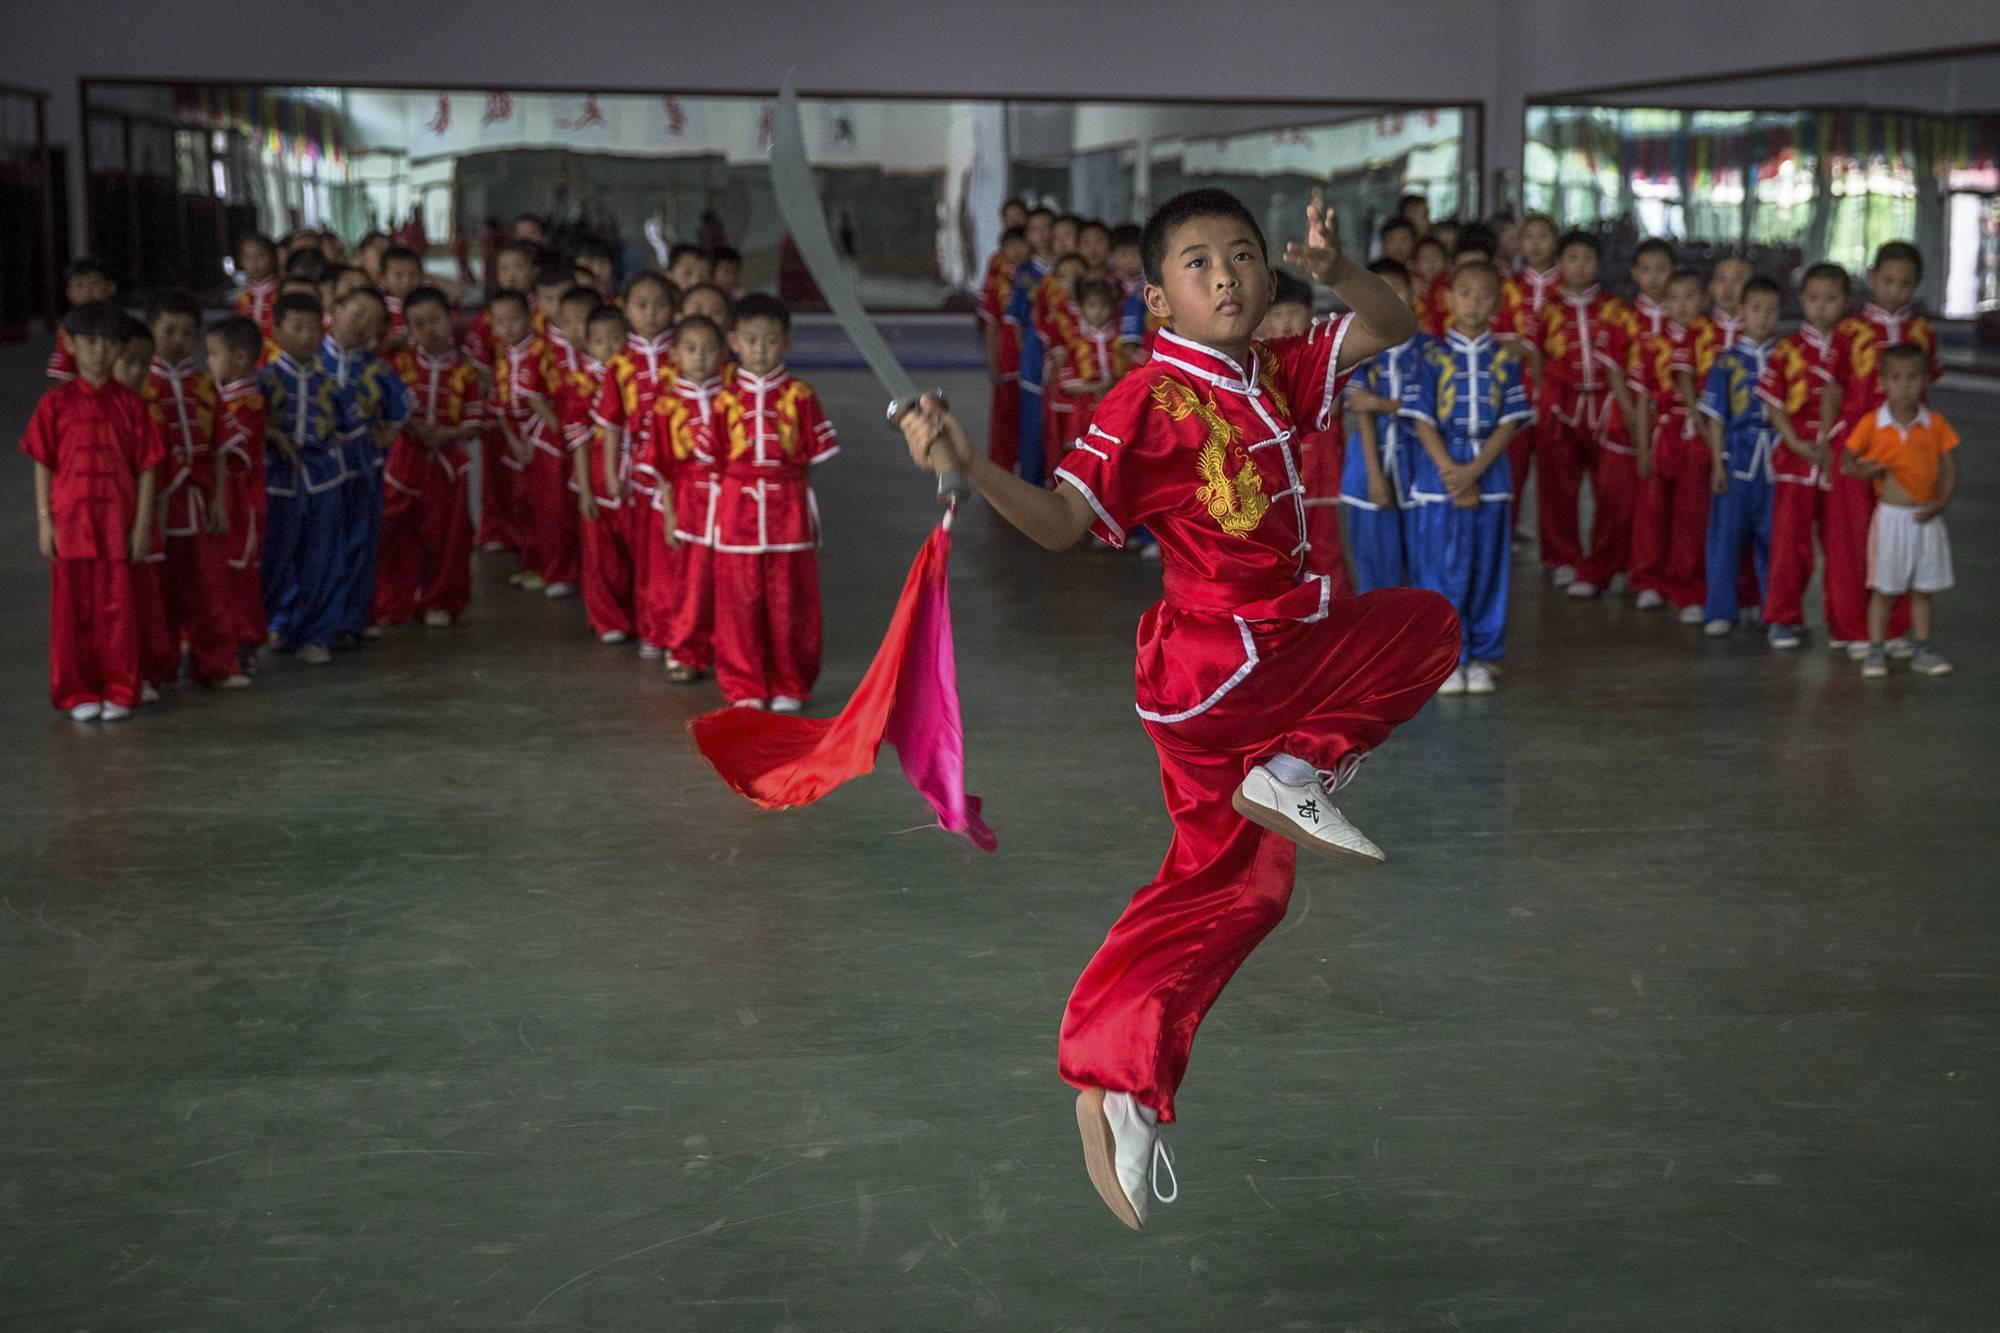 Kuan megye, 2017. szeptember 8.Szablyagyakorlatot mutat be egy kungfuiskola fiatal növendéke egy kínai harcművészeti központban, a Hopej tartománybeli Kuan megyében, Pekingtől északra 2017. június 10-én. (MTI/EPA/Roman Pilipej)